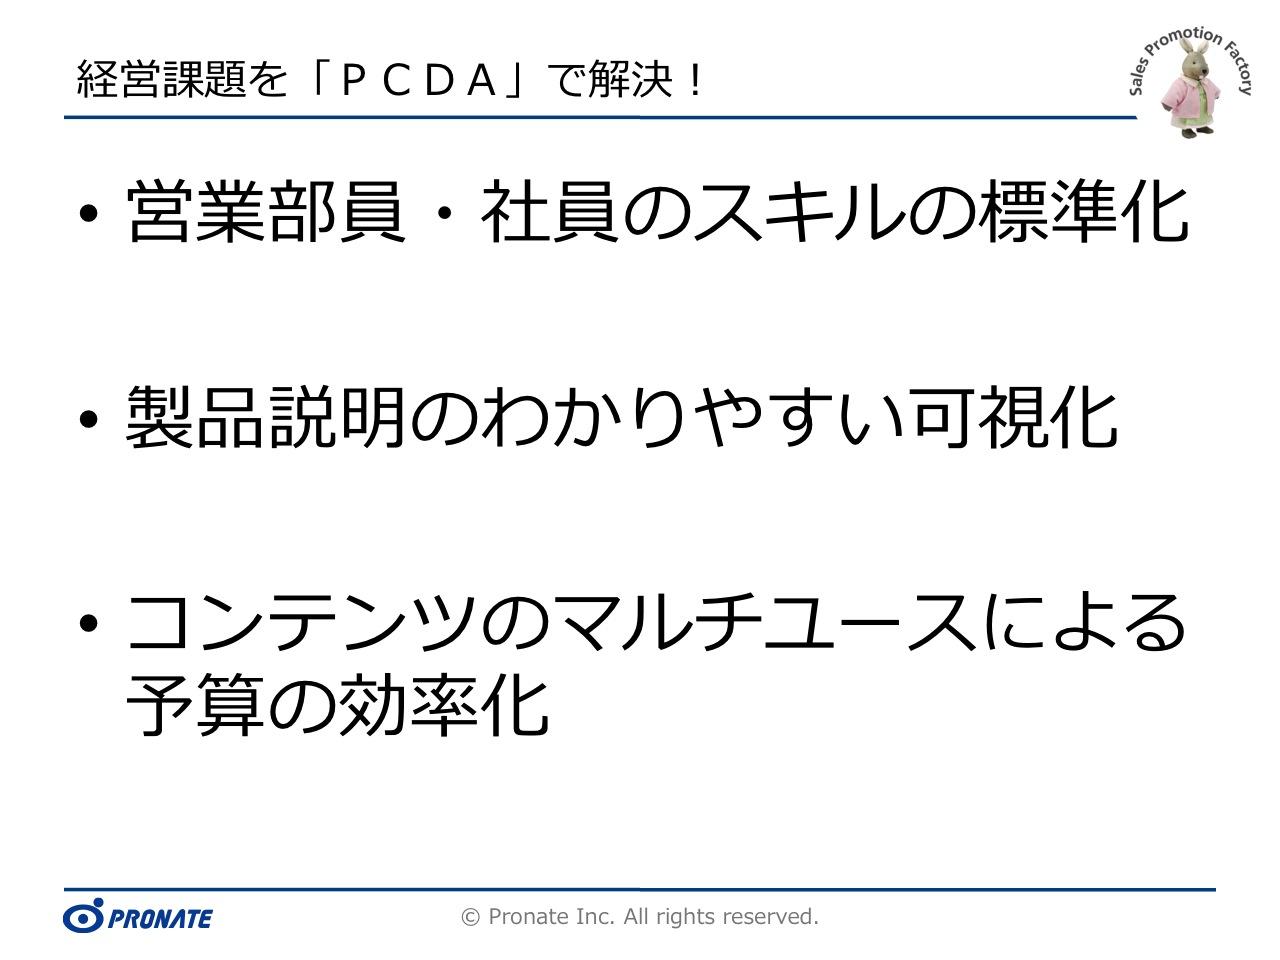 経営課題に対する解決法を実現する「PCDA」説明ボード